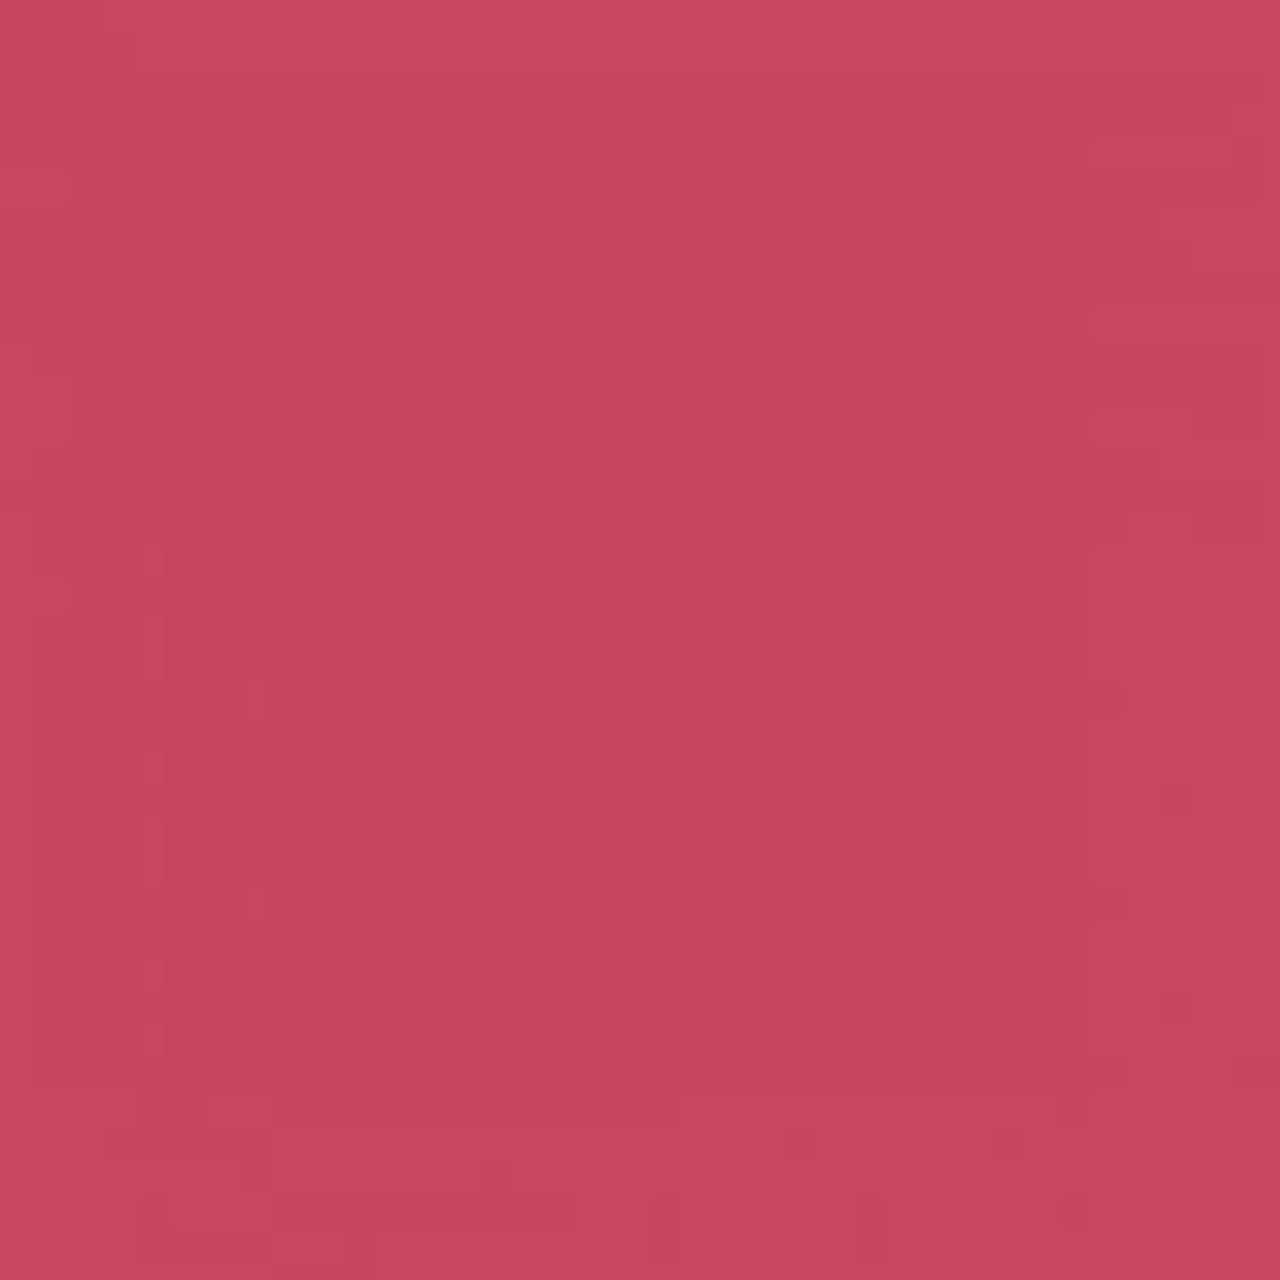 ピオニーのようなフレッシュ・ピンク